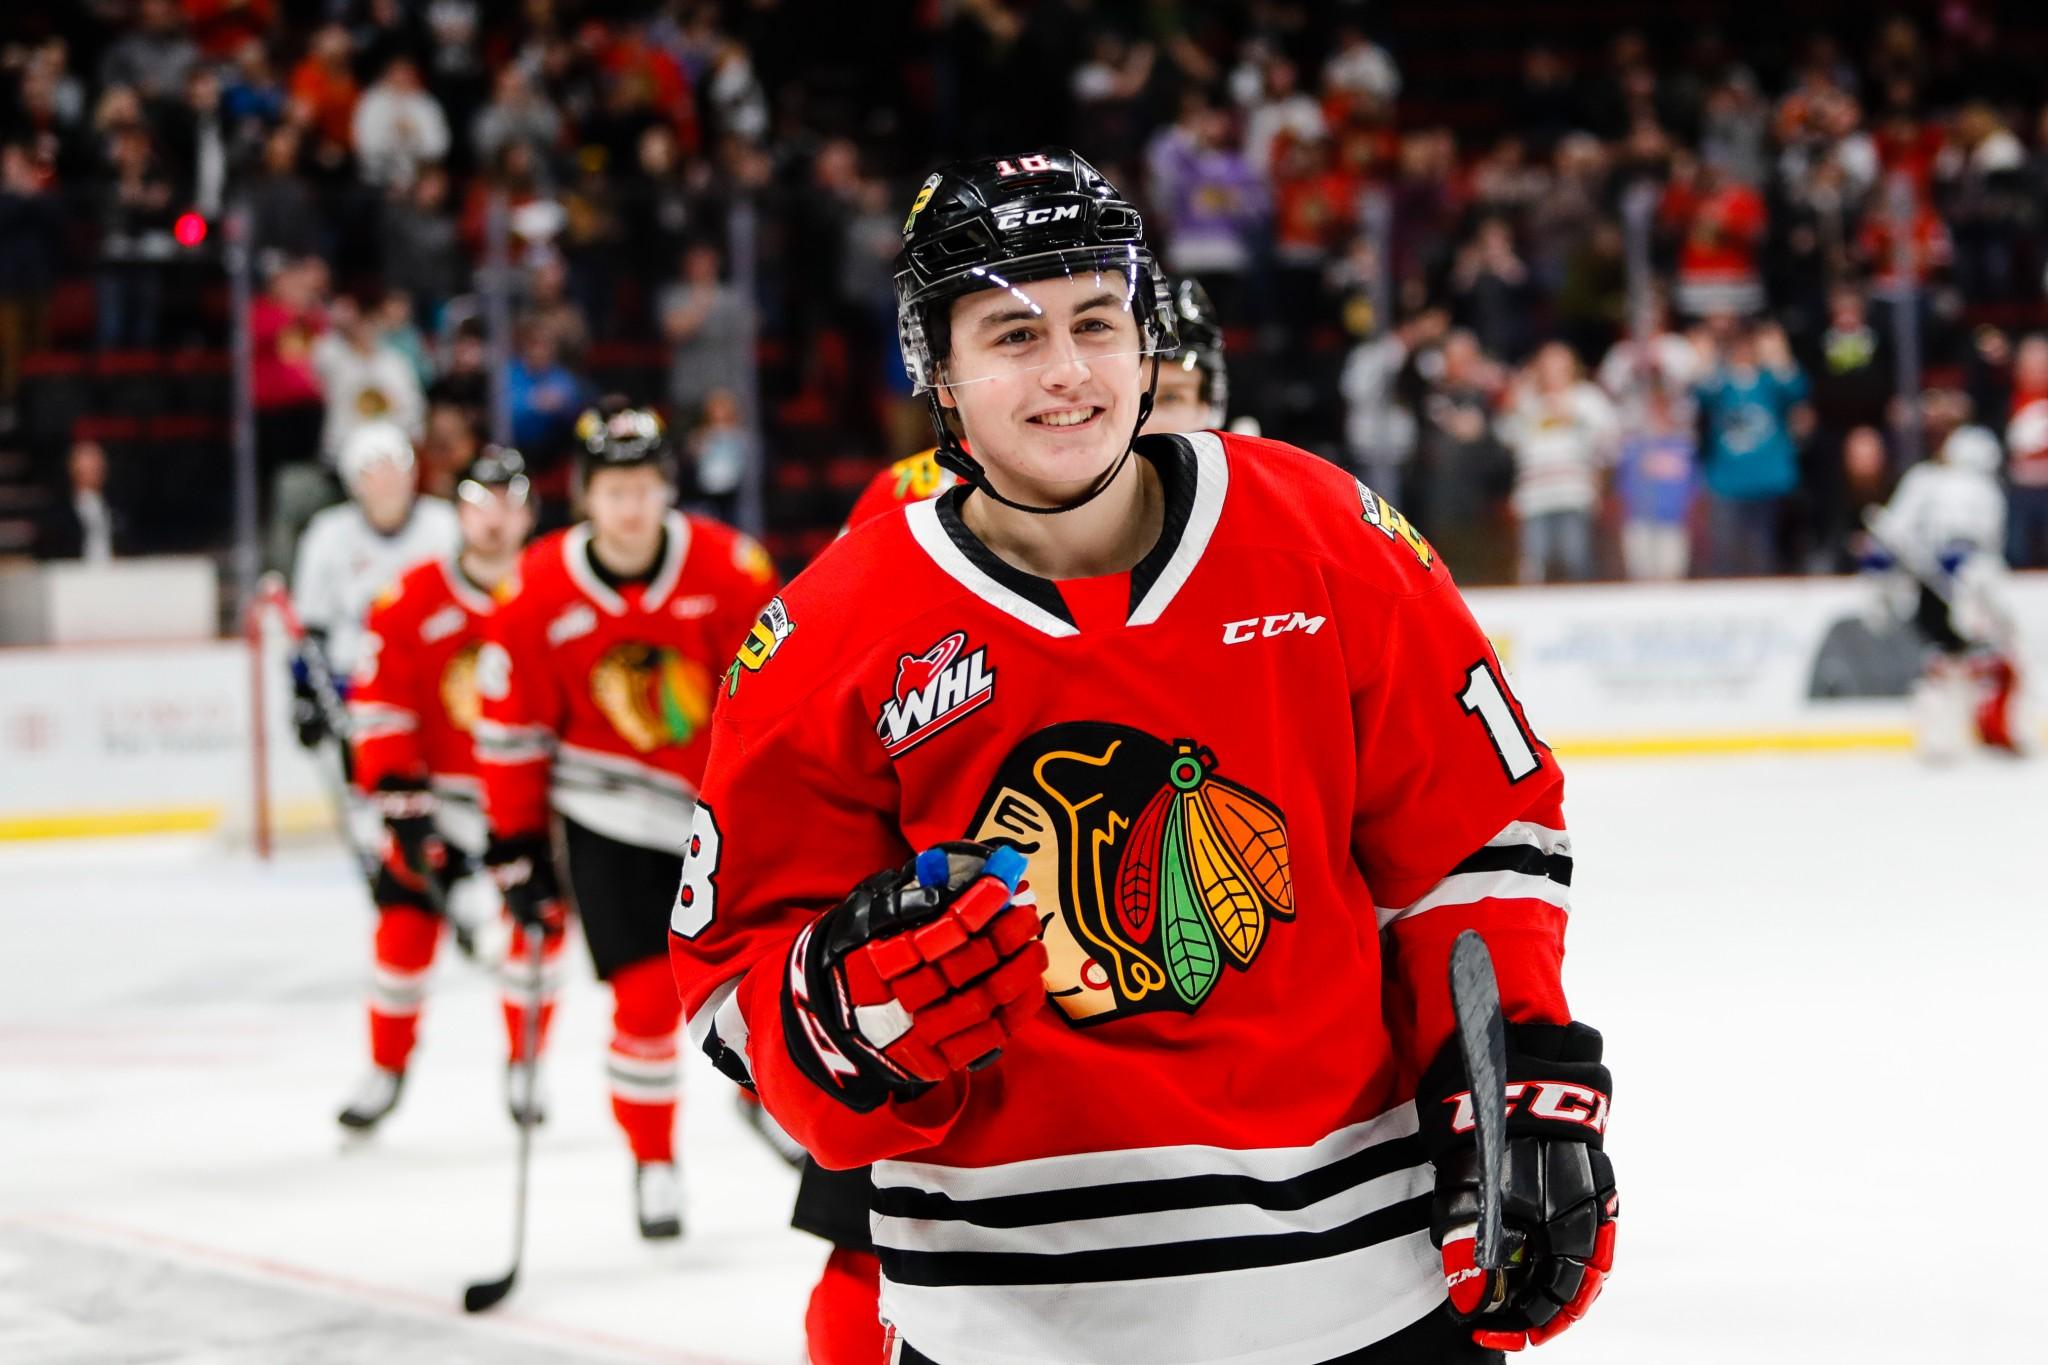 Is WHL Hockey realistic in 2020-21?